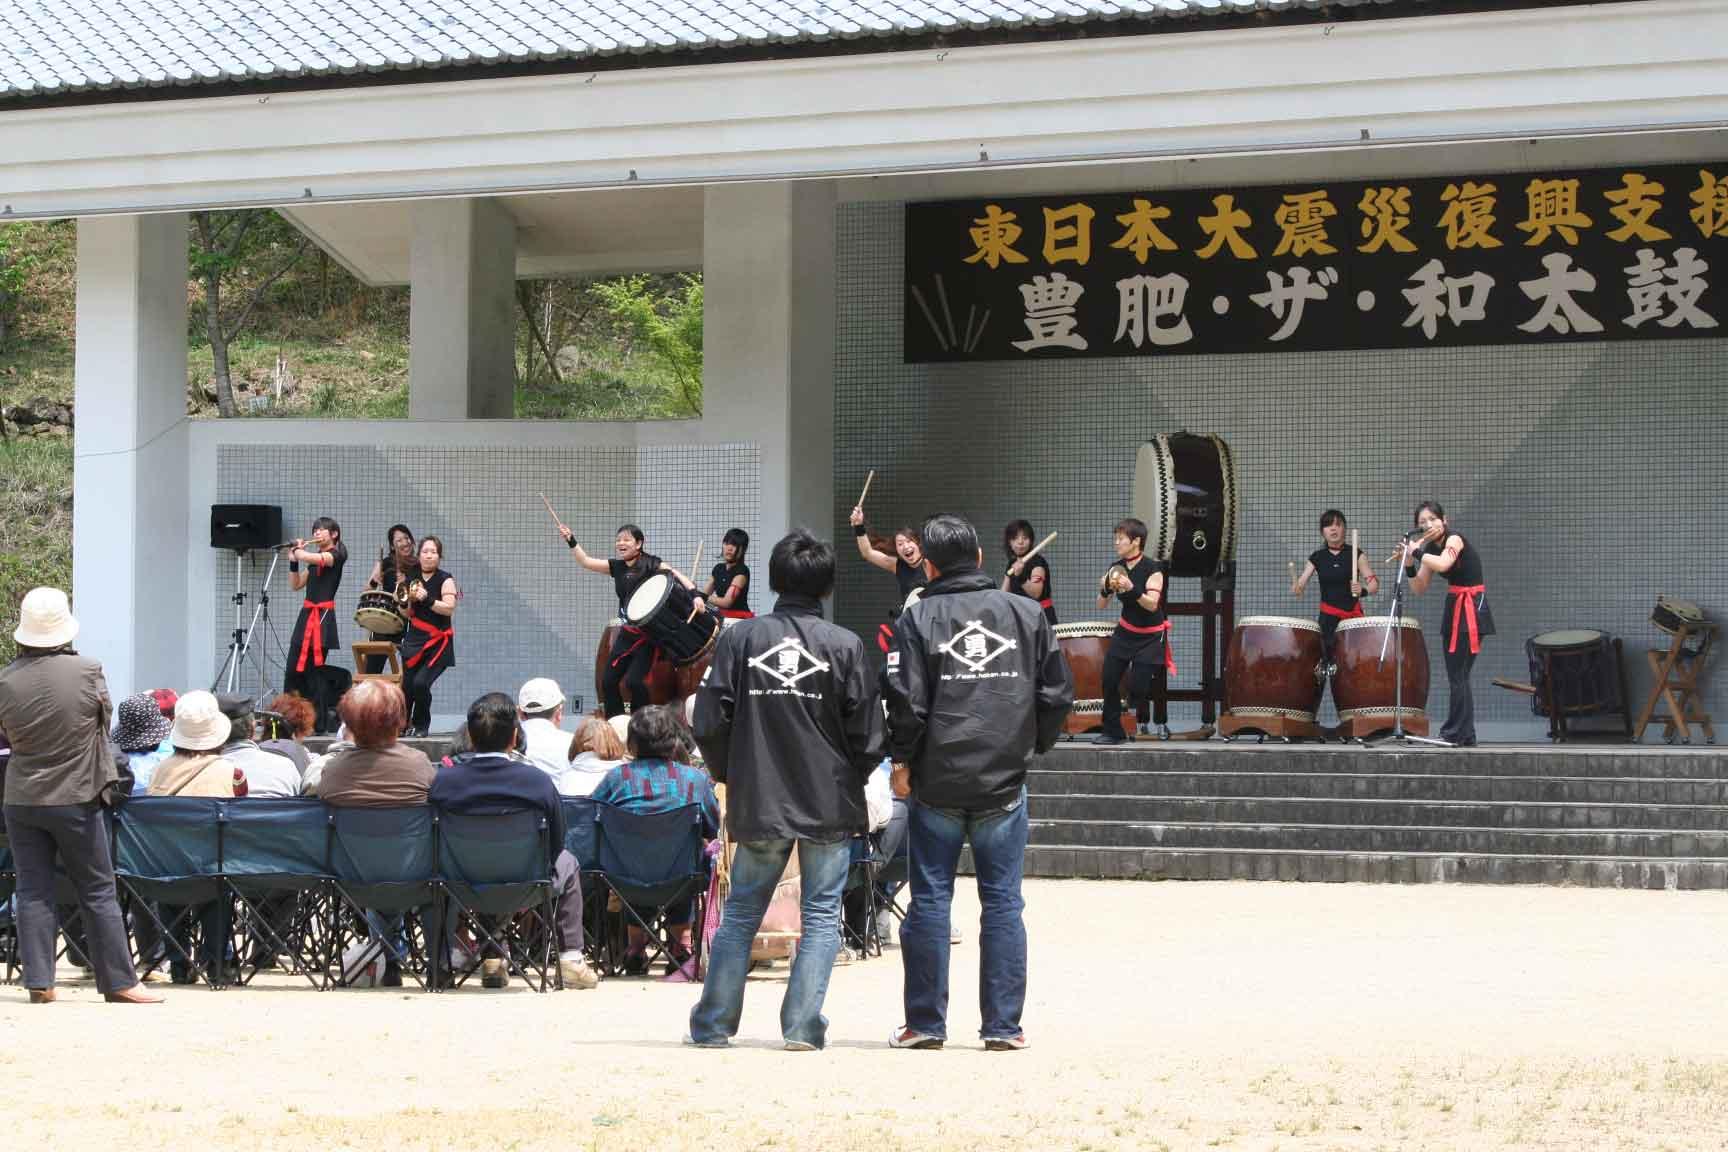 豊肥ザ和太鼓・チャリティー公演の巻_b0133254_2235928.jpg